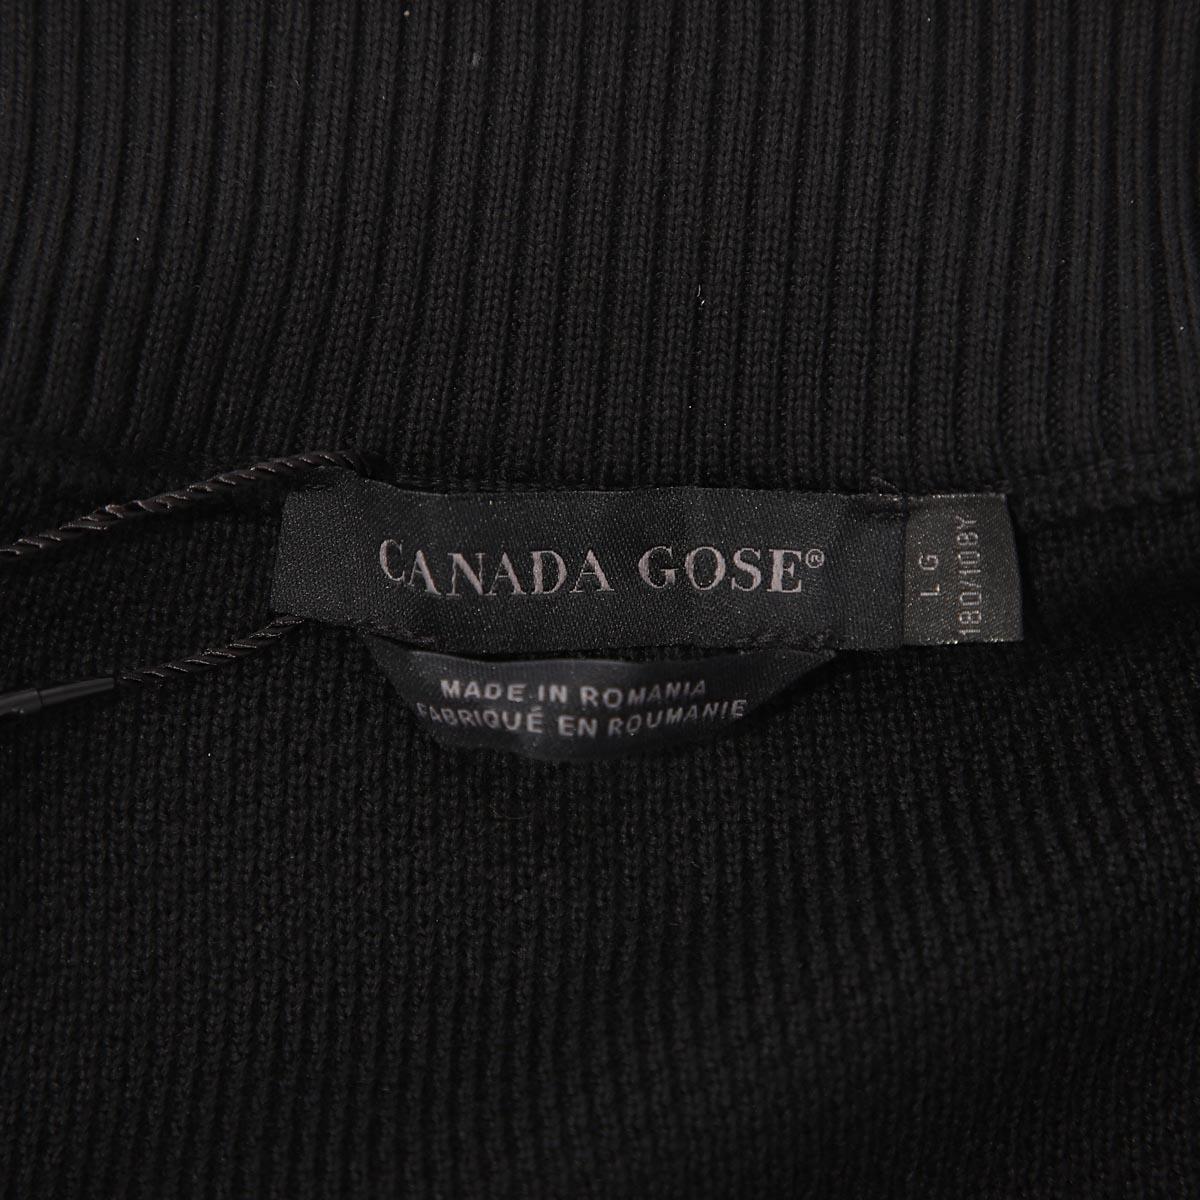 【アウトレット】【ラスト1点】CANADA GOOSE カナダグース カーディガン/HYBRIDGE KNIT JACKET メンズ